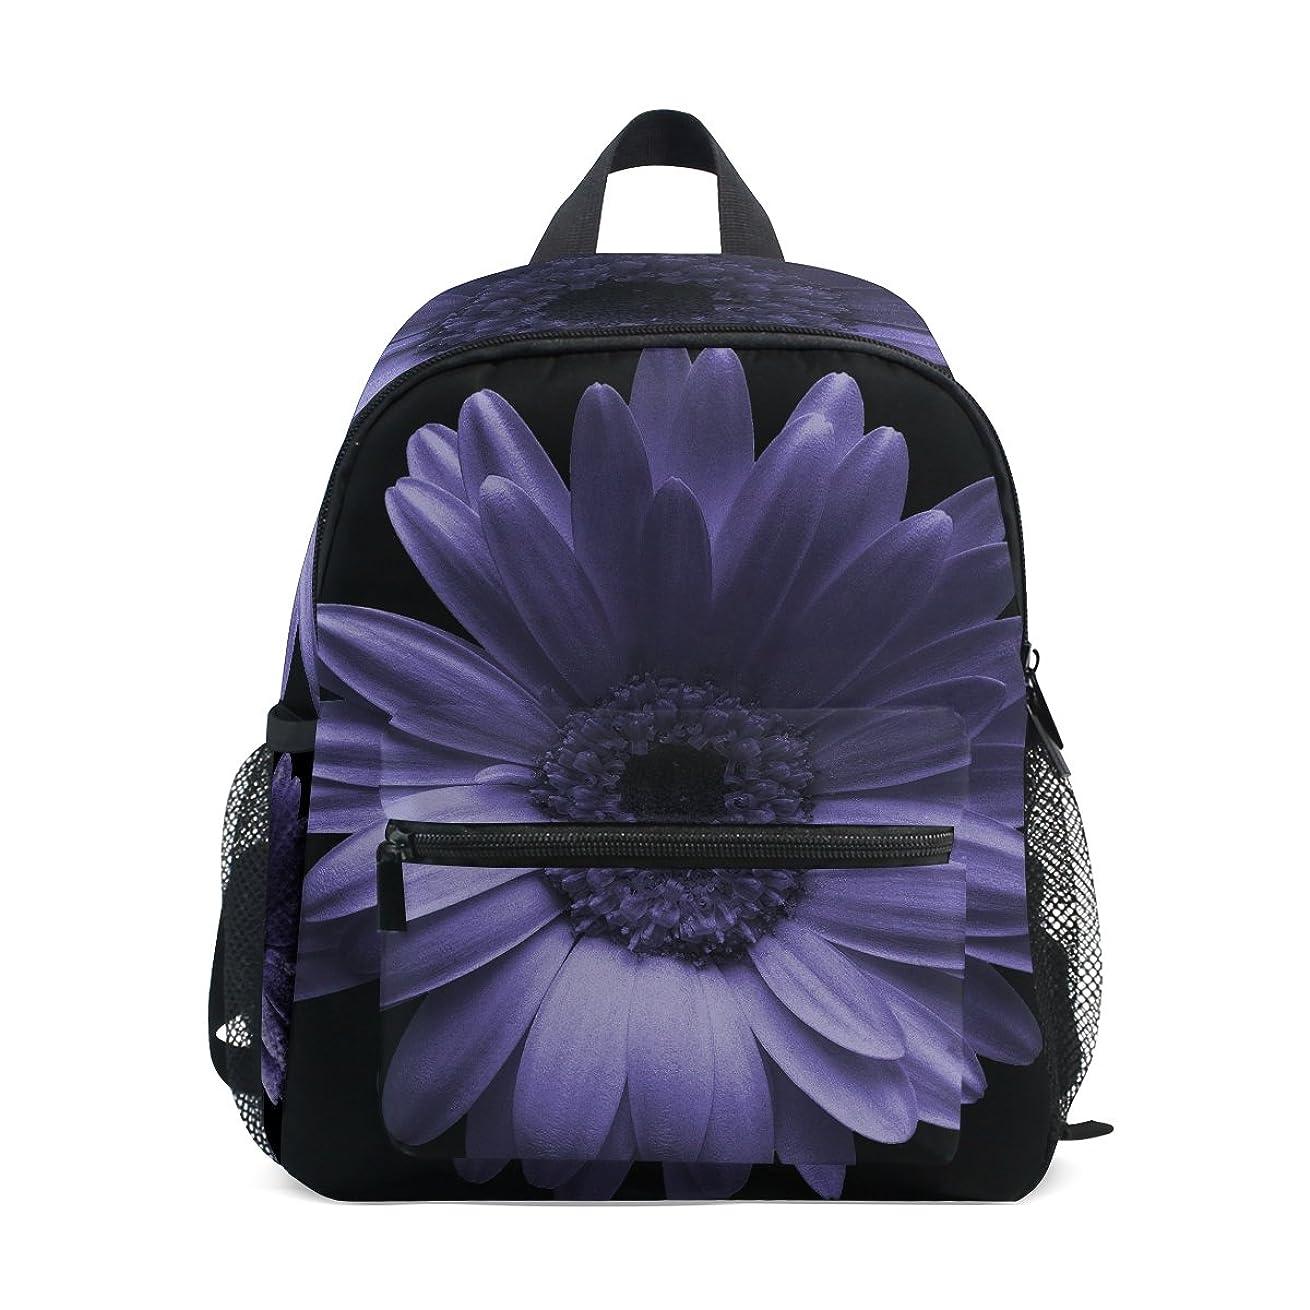 好意上に正直キッズ リュック リュックサック バックパック菊の花 紫 小サイズ ジュニア通学 バッグ 通園 遠足 デイバッグ 軽量 ポリエステル 撥水加工